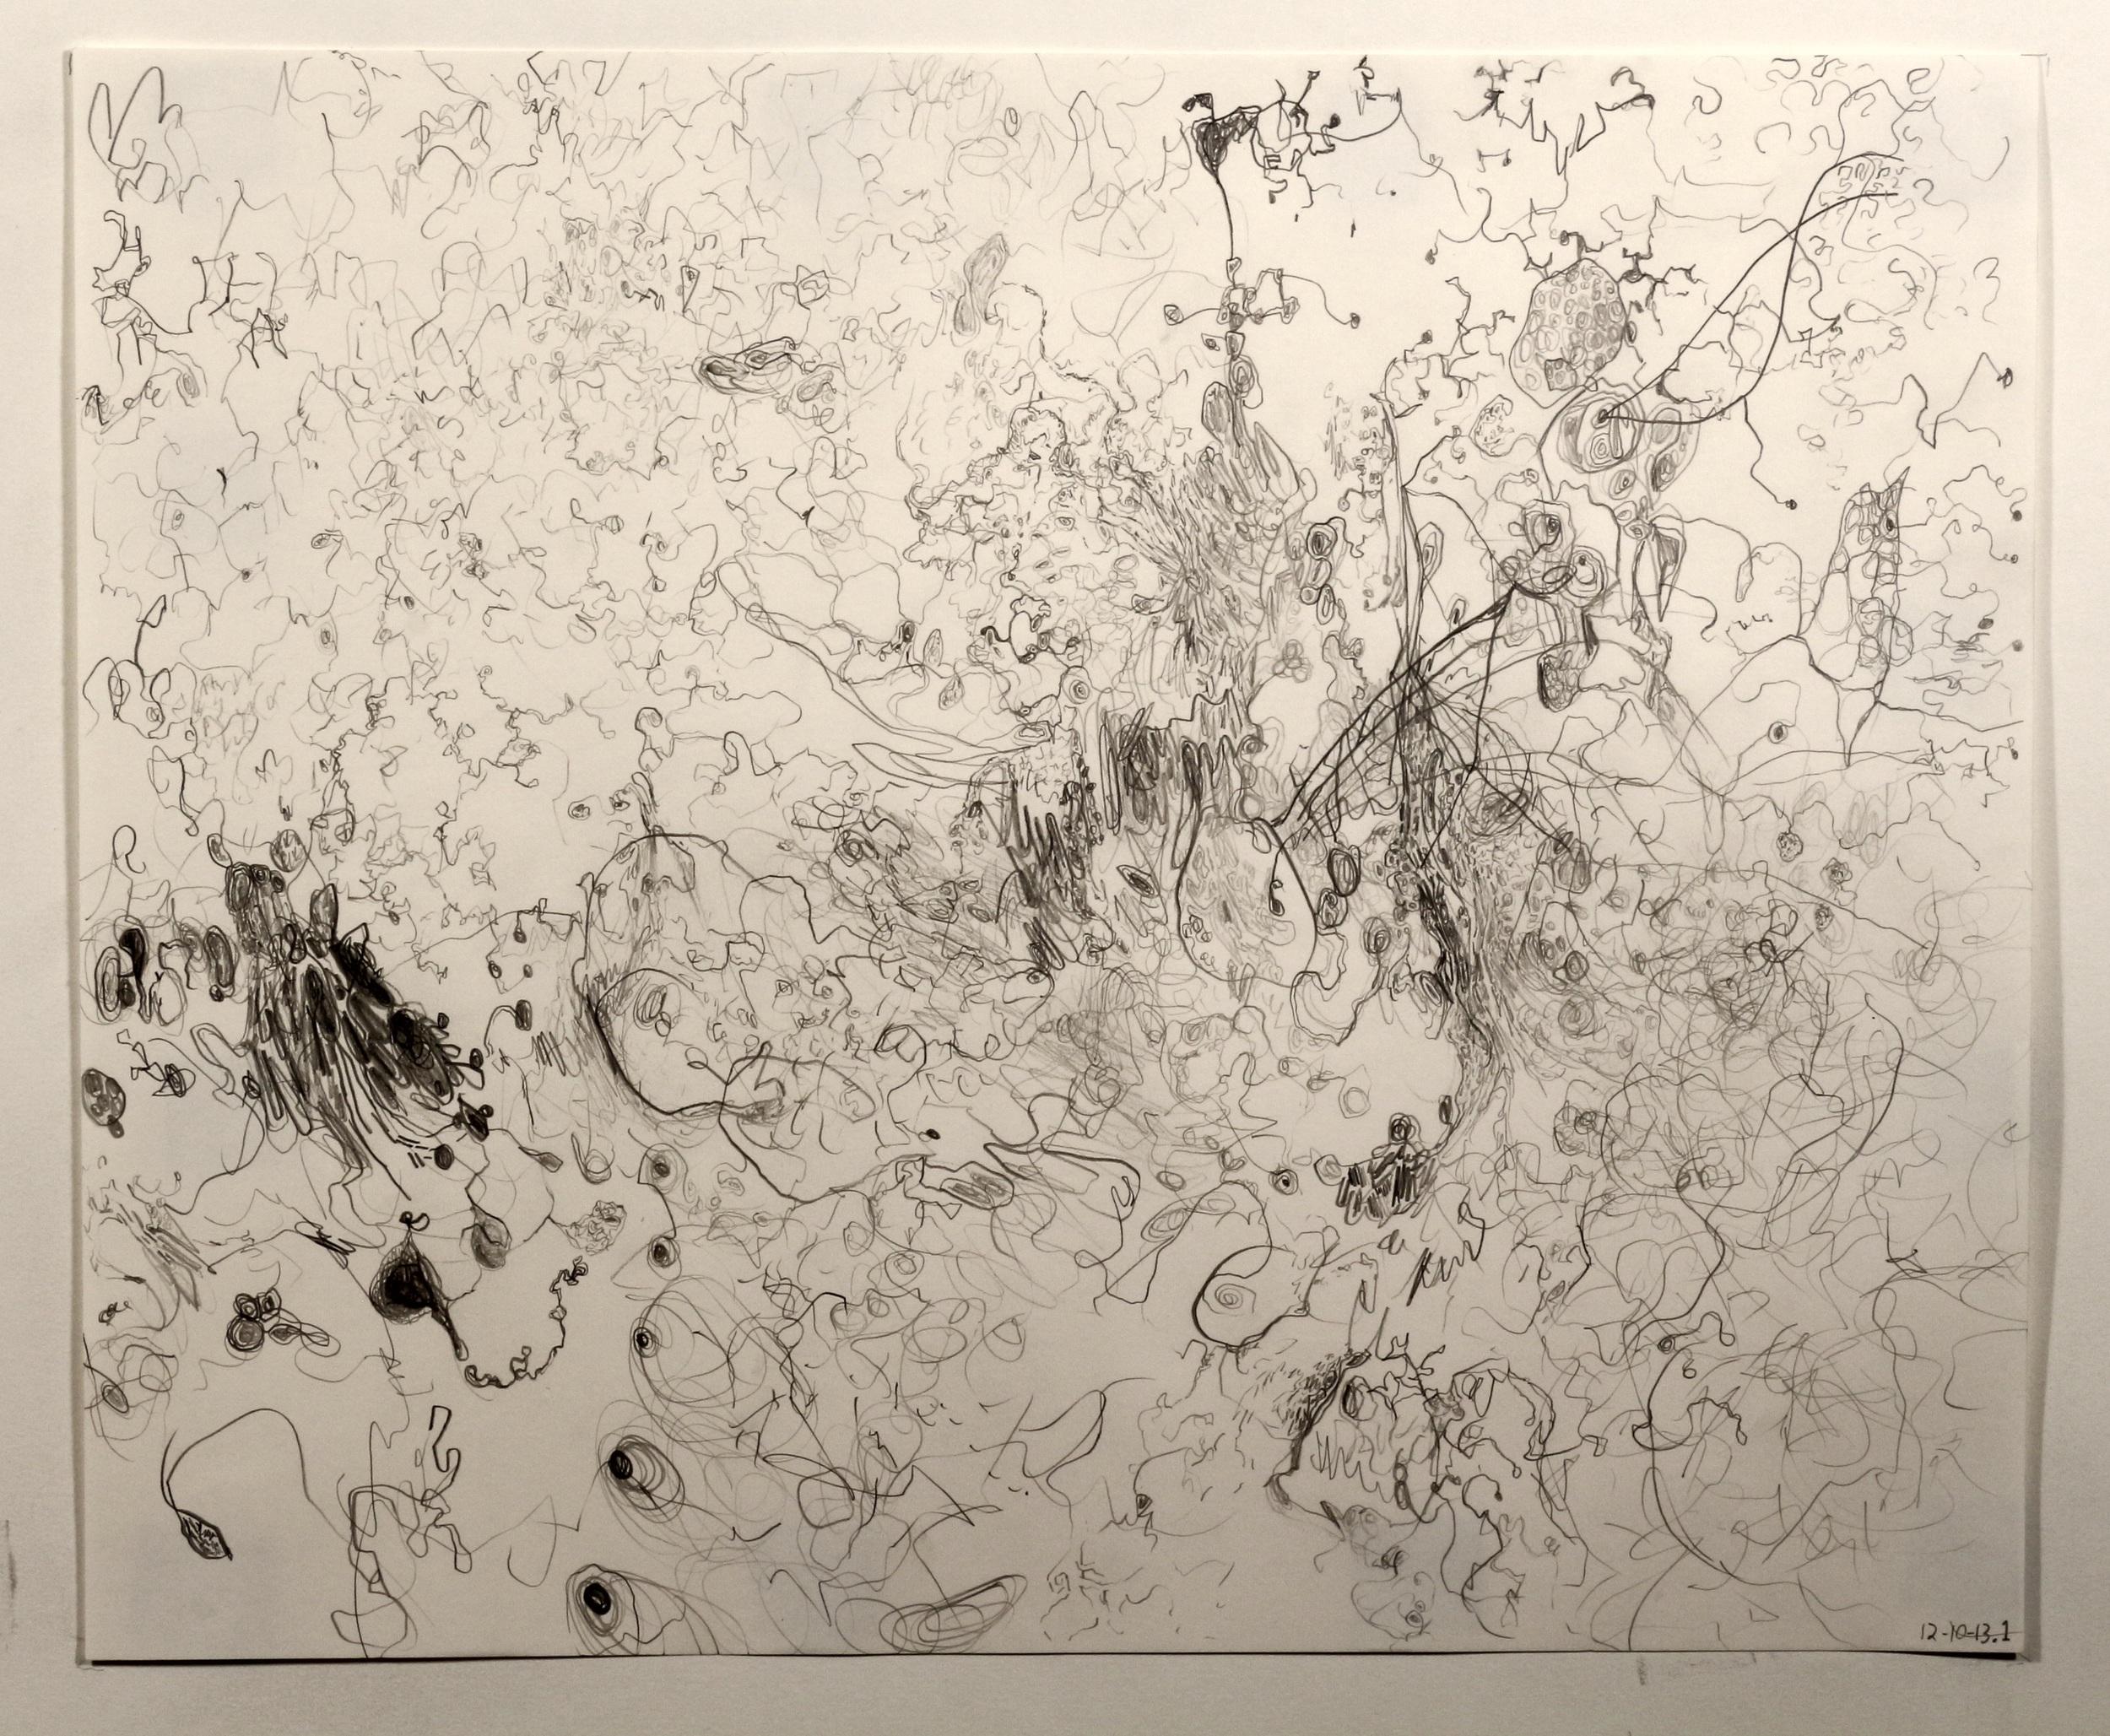 Elwyn-Palmerton-Art_12-10-13.1 (2).JPG